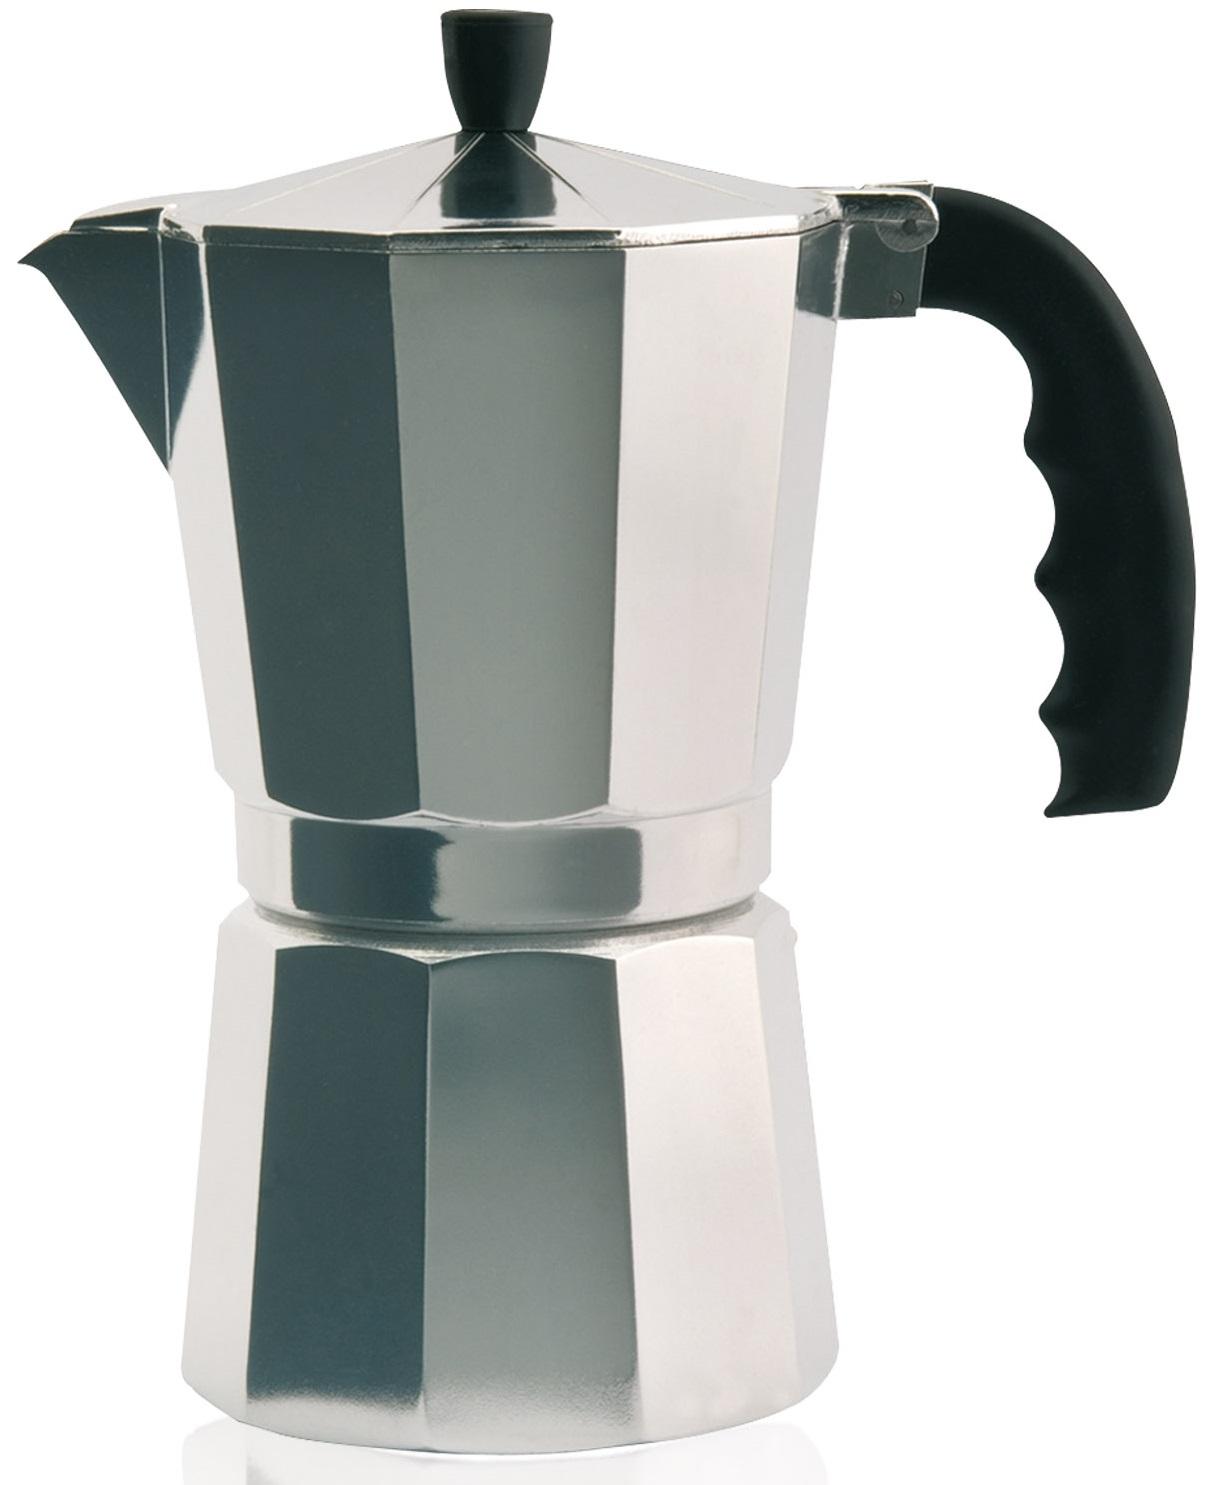 Cafeteira de Alumínio (6 Chávenas) - ORBEGOZO